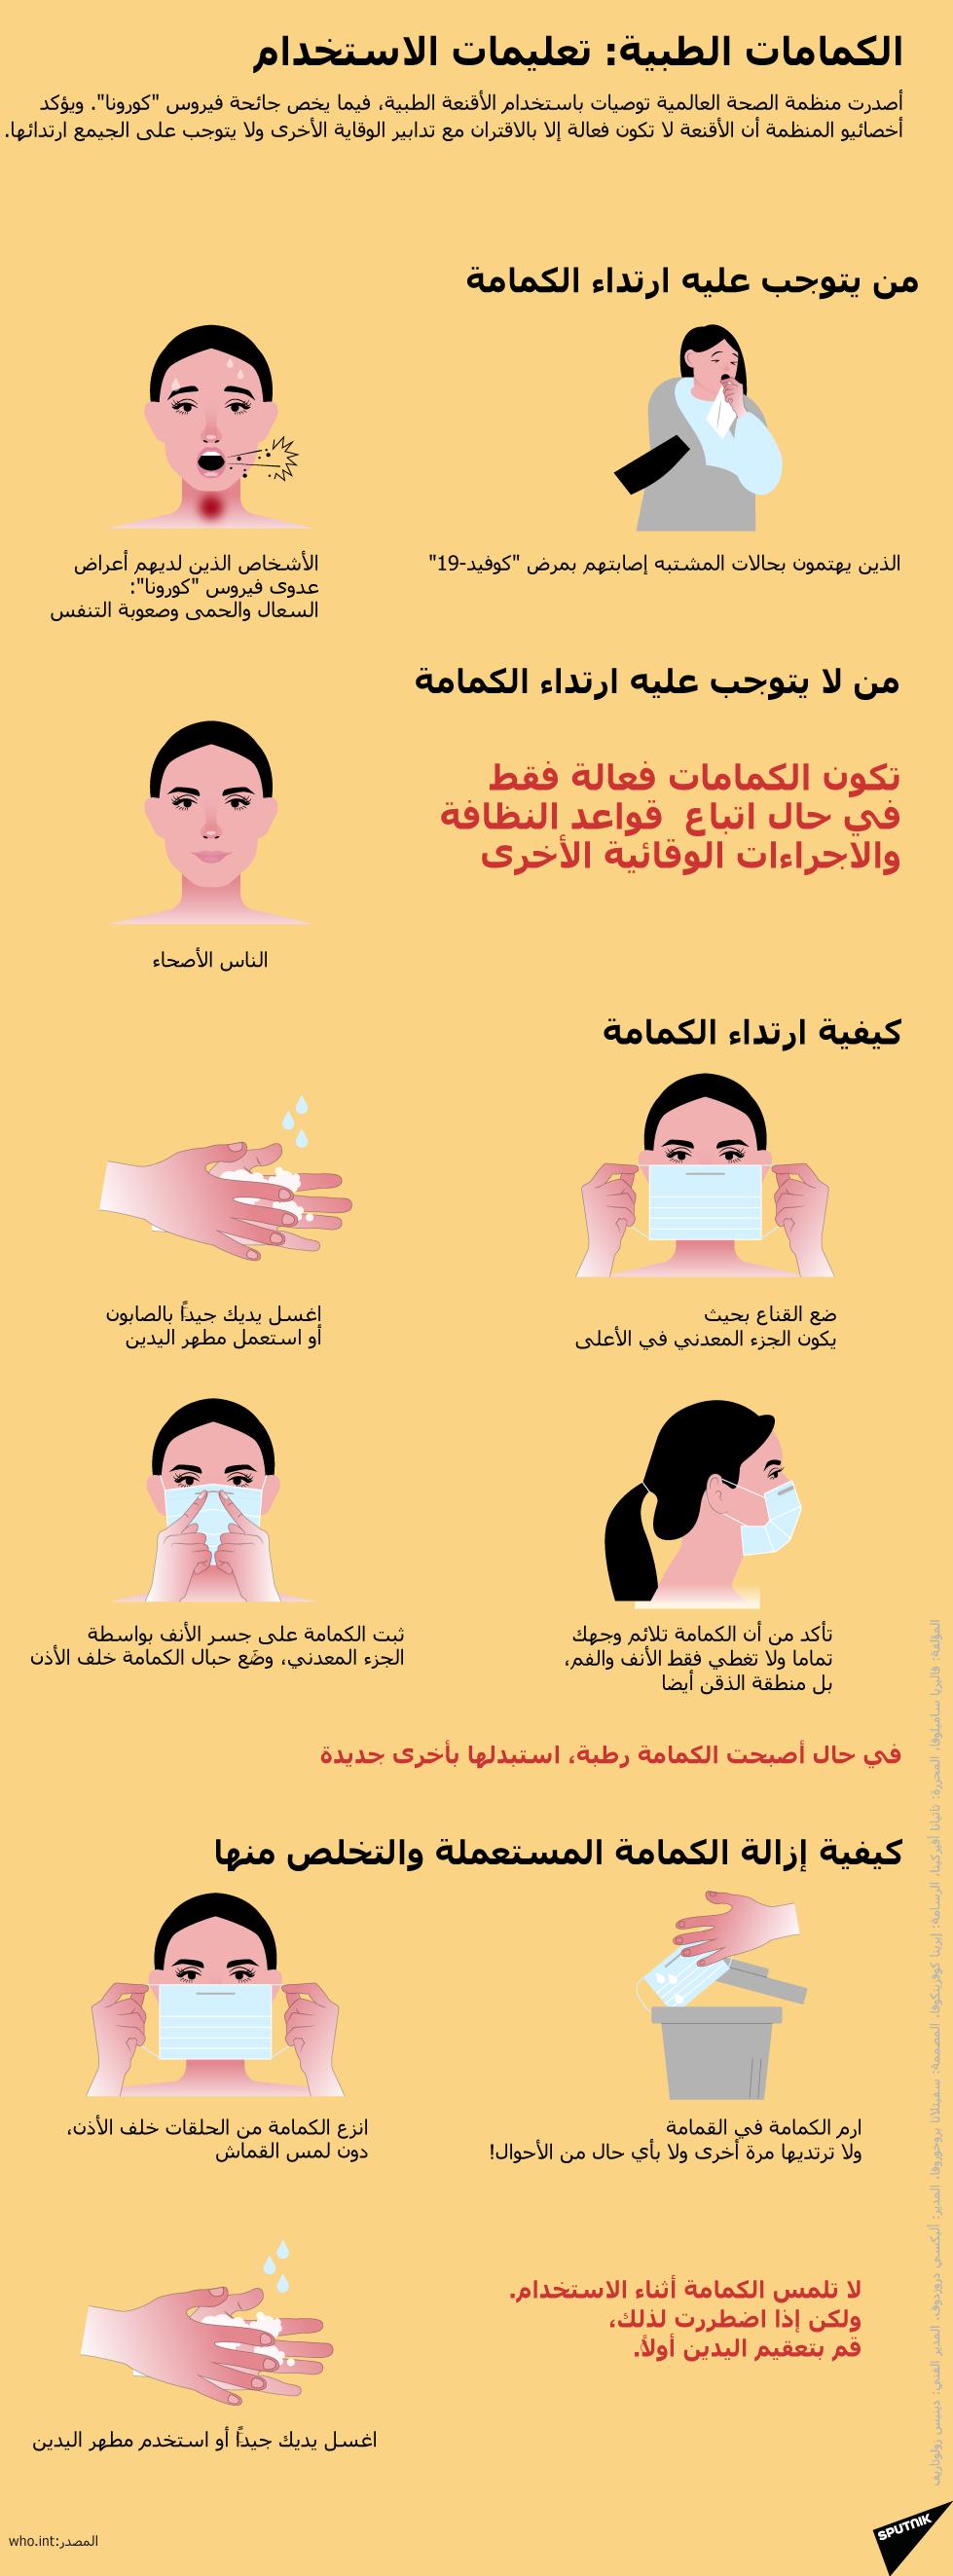 الكمامات الطبية: تعليمات الاستخدام